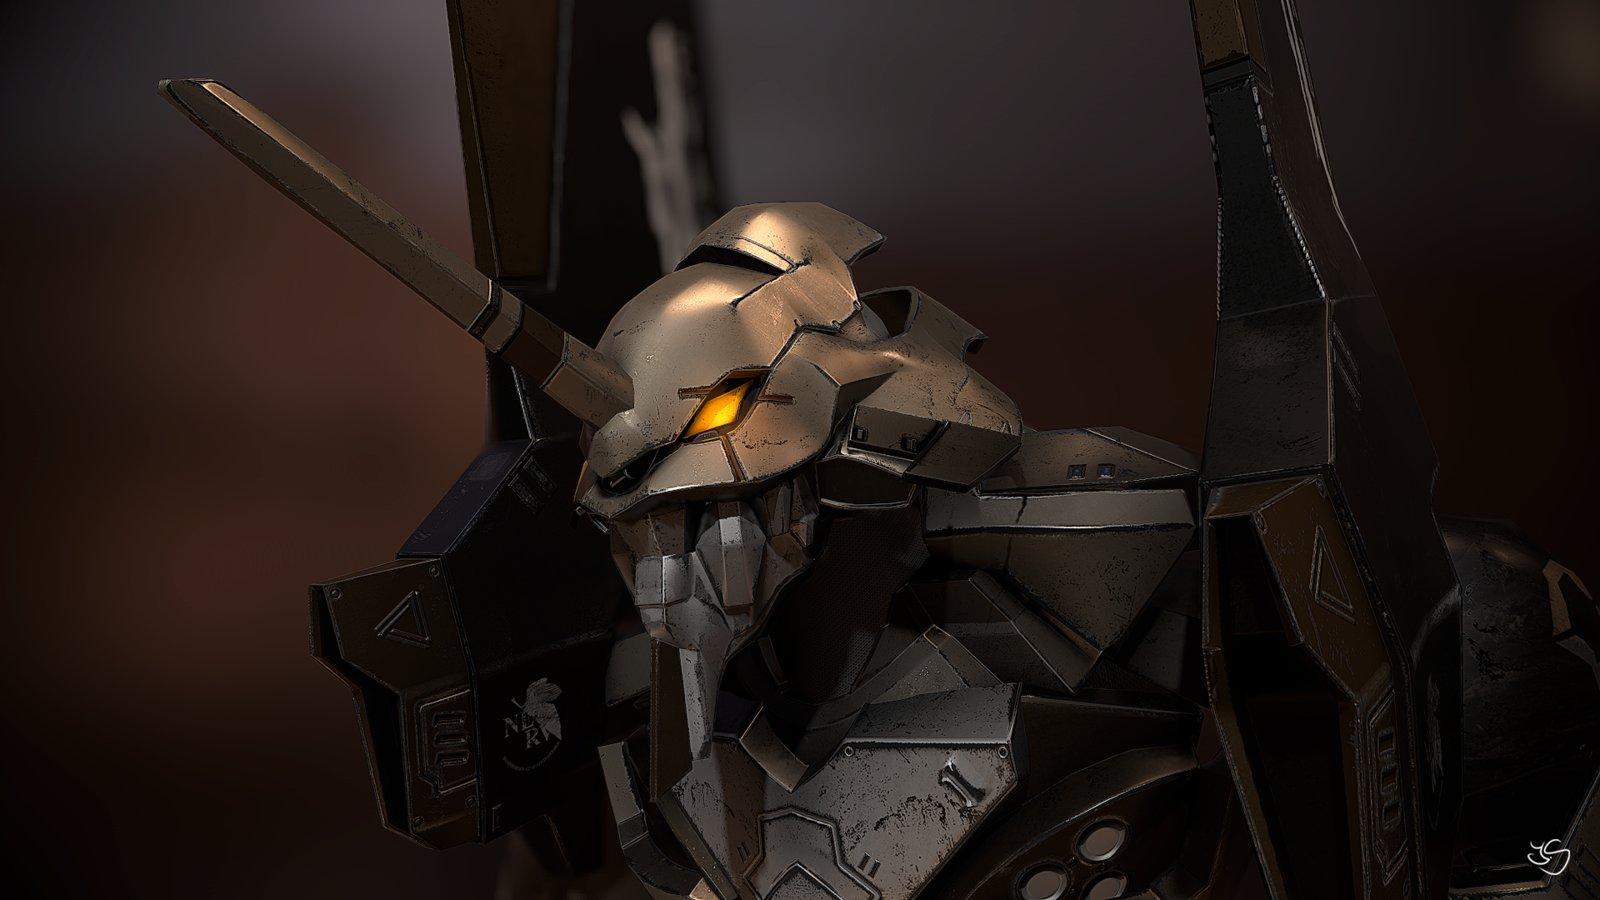 Evangelion Unit-01